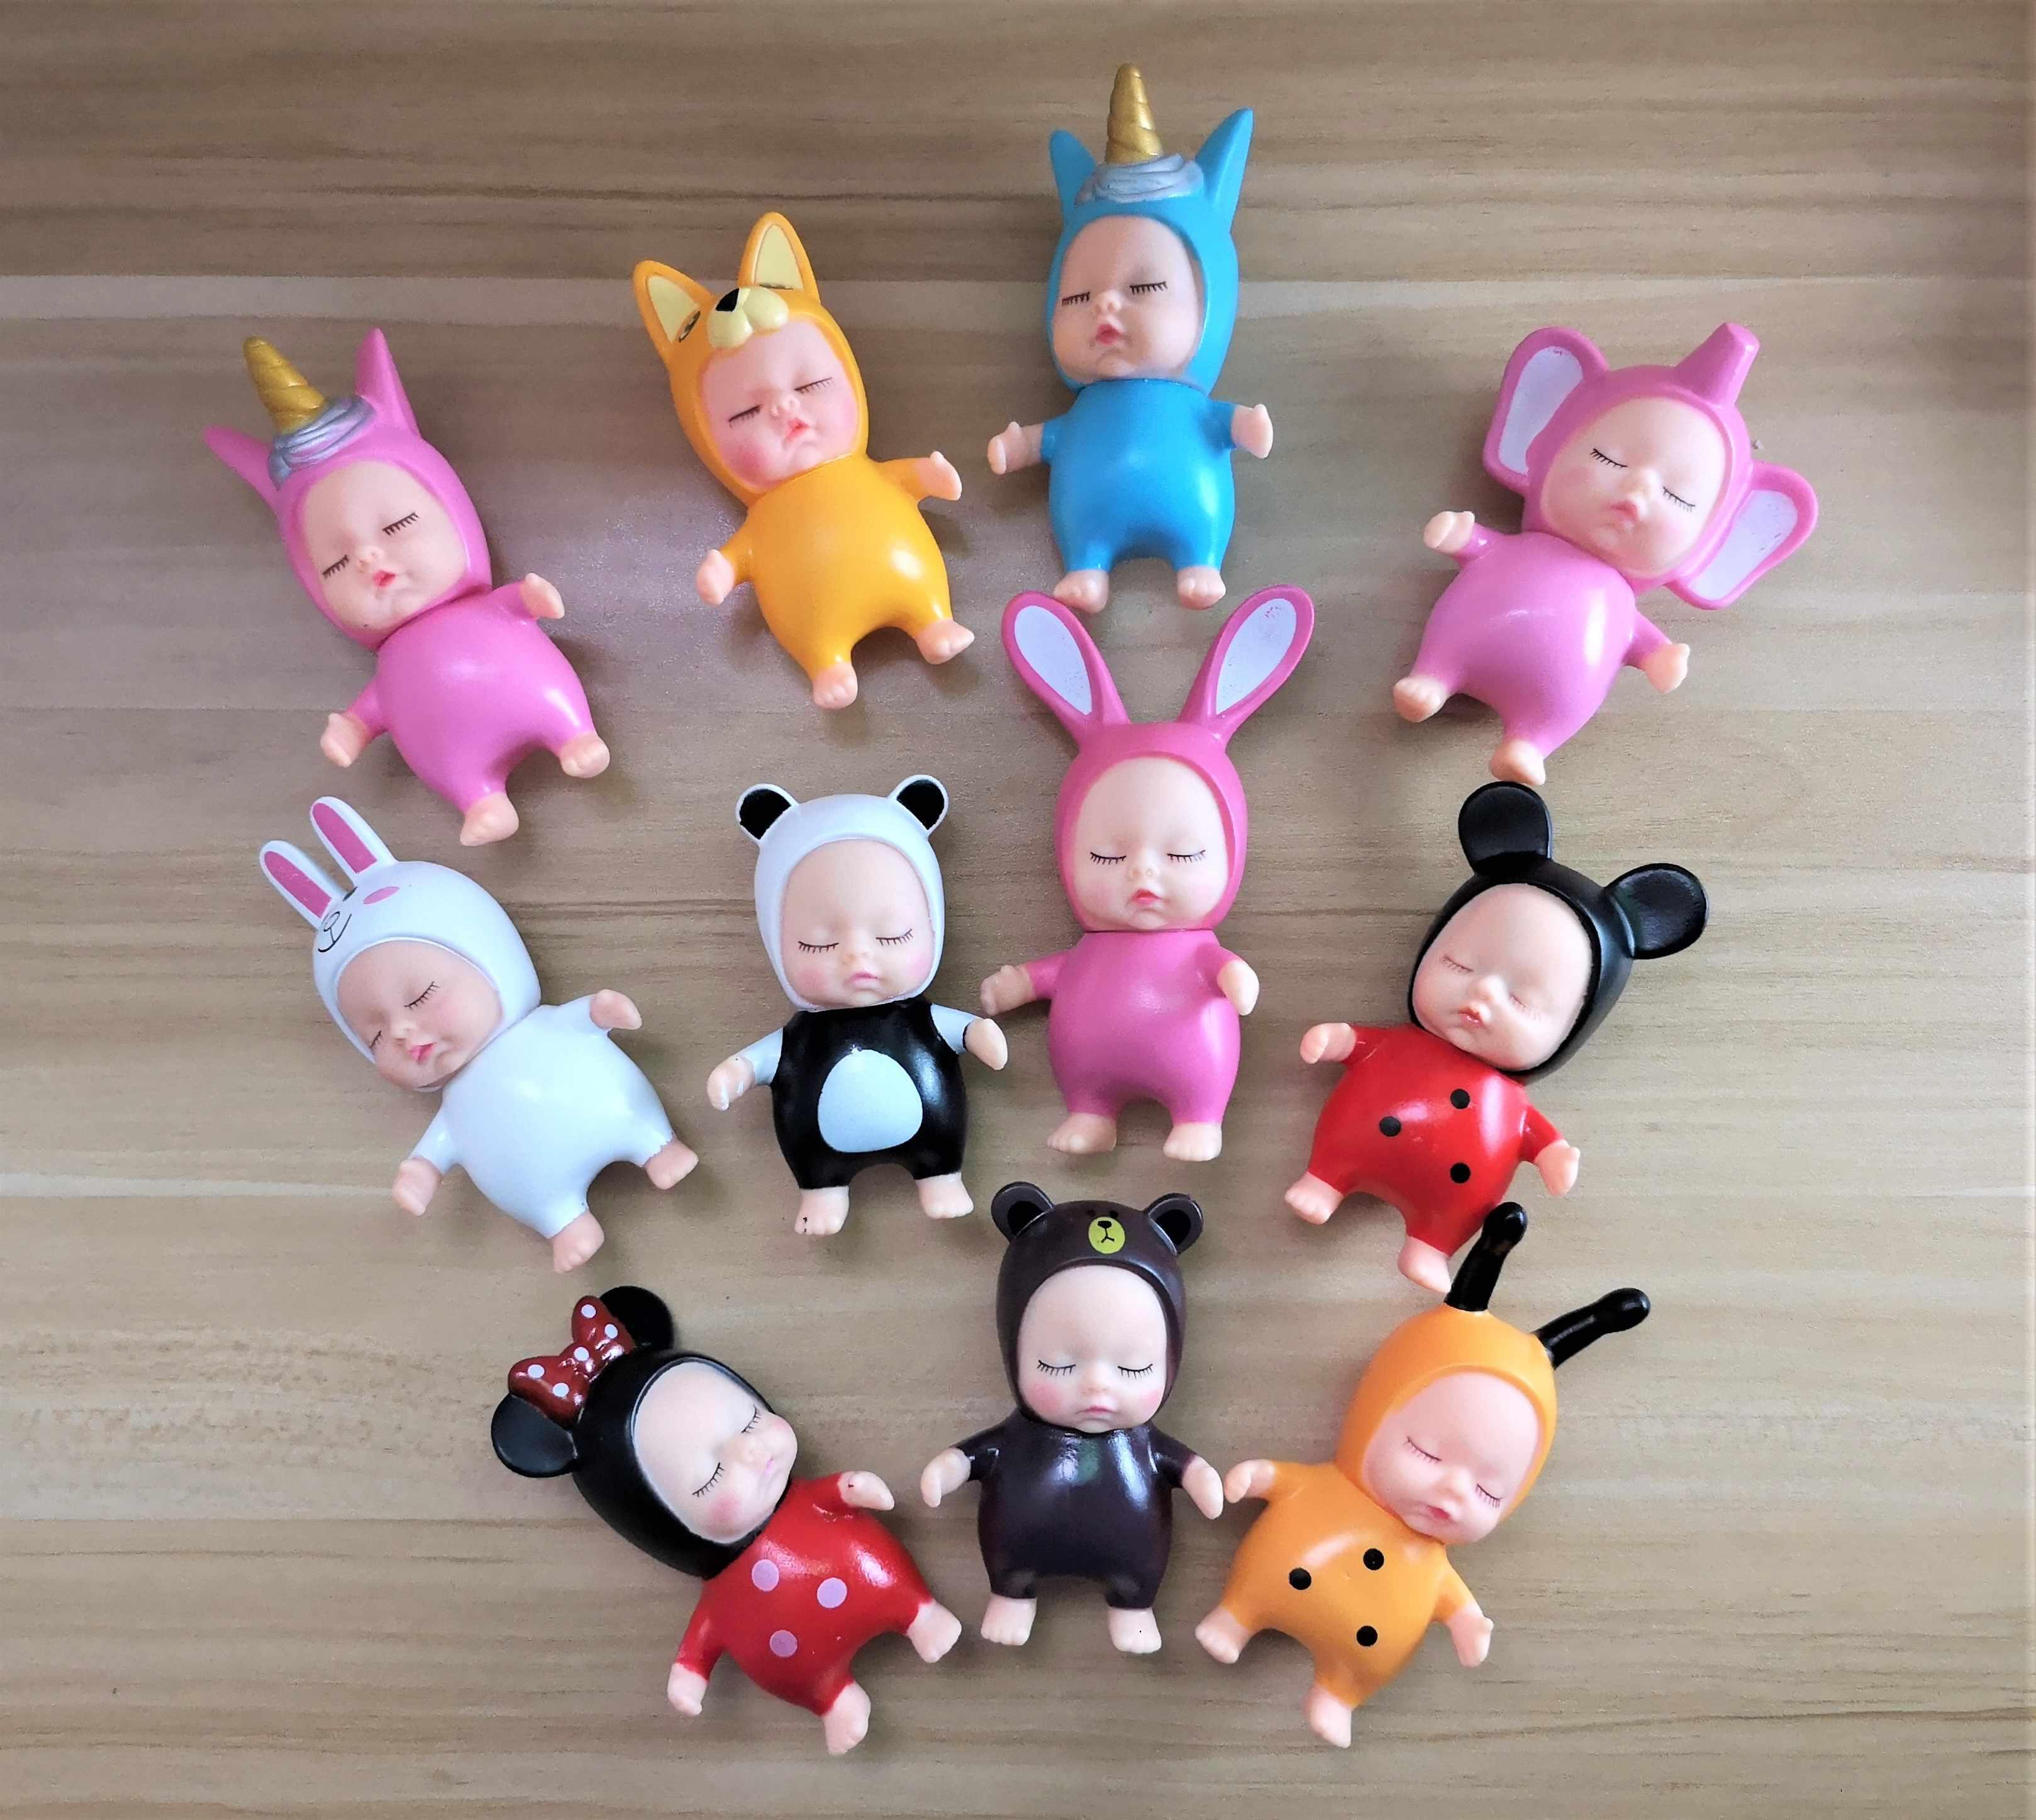 חתיכה אחת מיני Reborn תינוק בובות Unicorn באני bee סגנון קריקטורה שינה תינוק אביזרי קטן צעצועי דמות קישוט